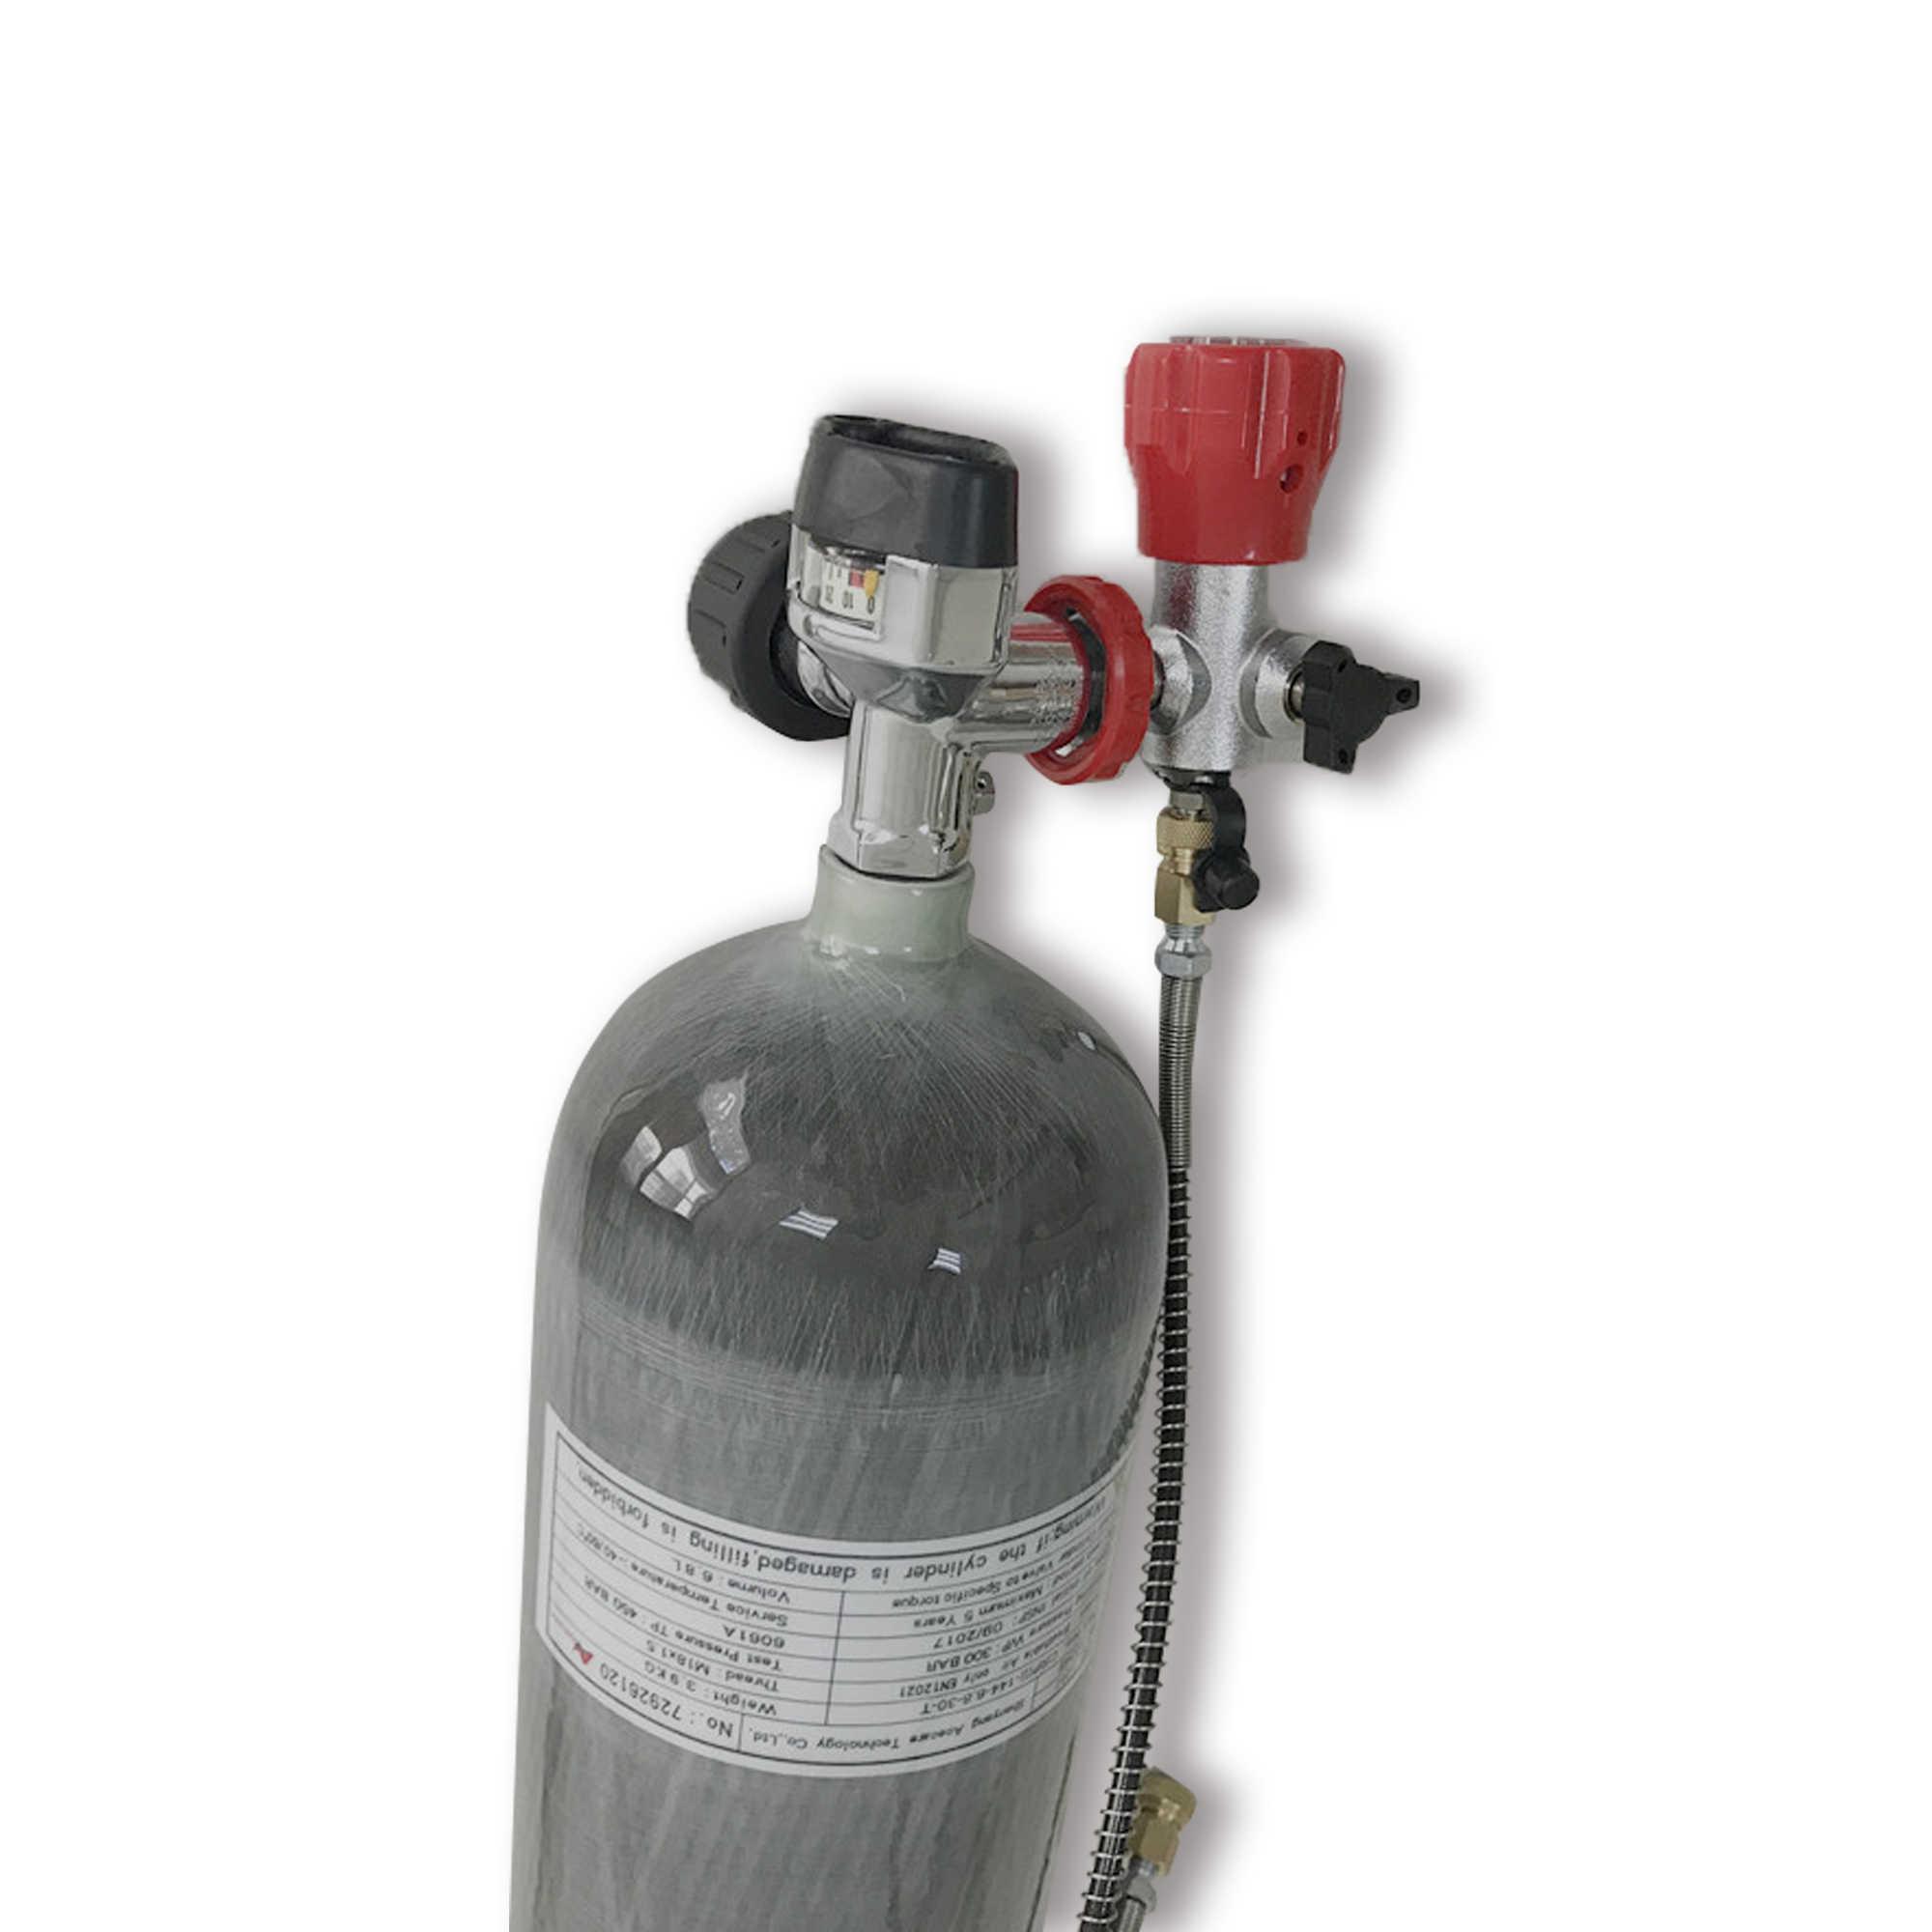 AC168201 6.8L Hpa cilindro de oxígeno CE Pcp 300Bar para buceo Pcp válvula y estación de llenado tanque de aire Pcp cilindro pistola de aire Condor